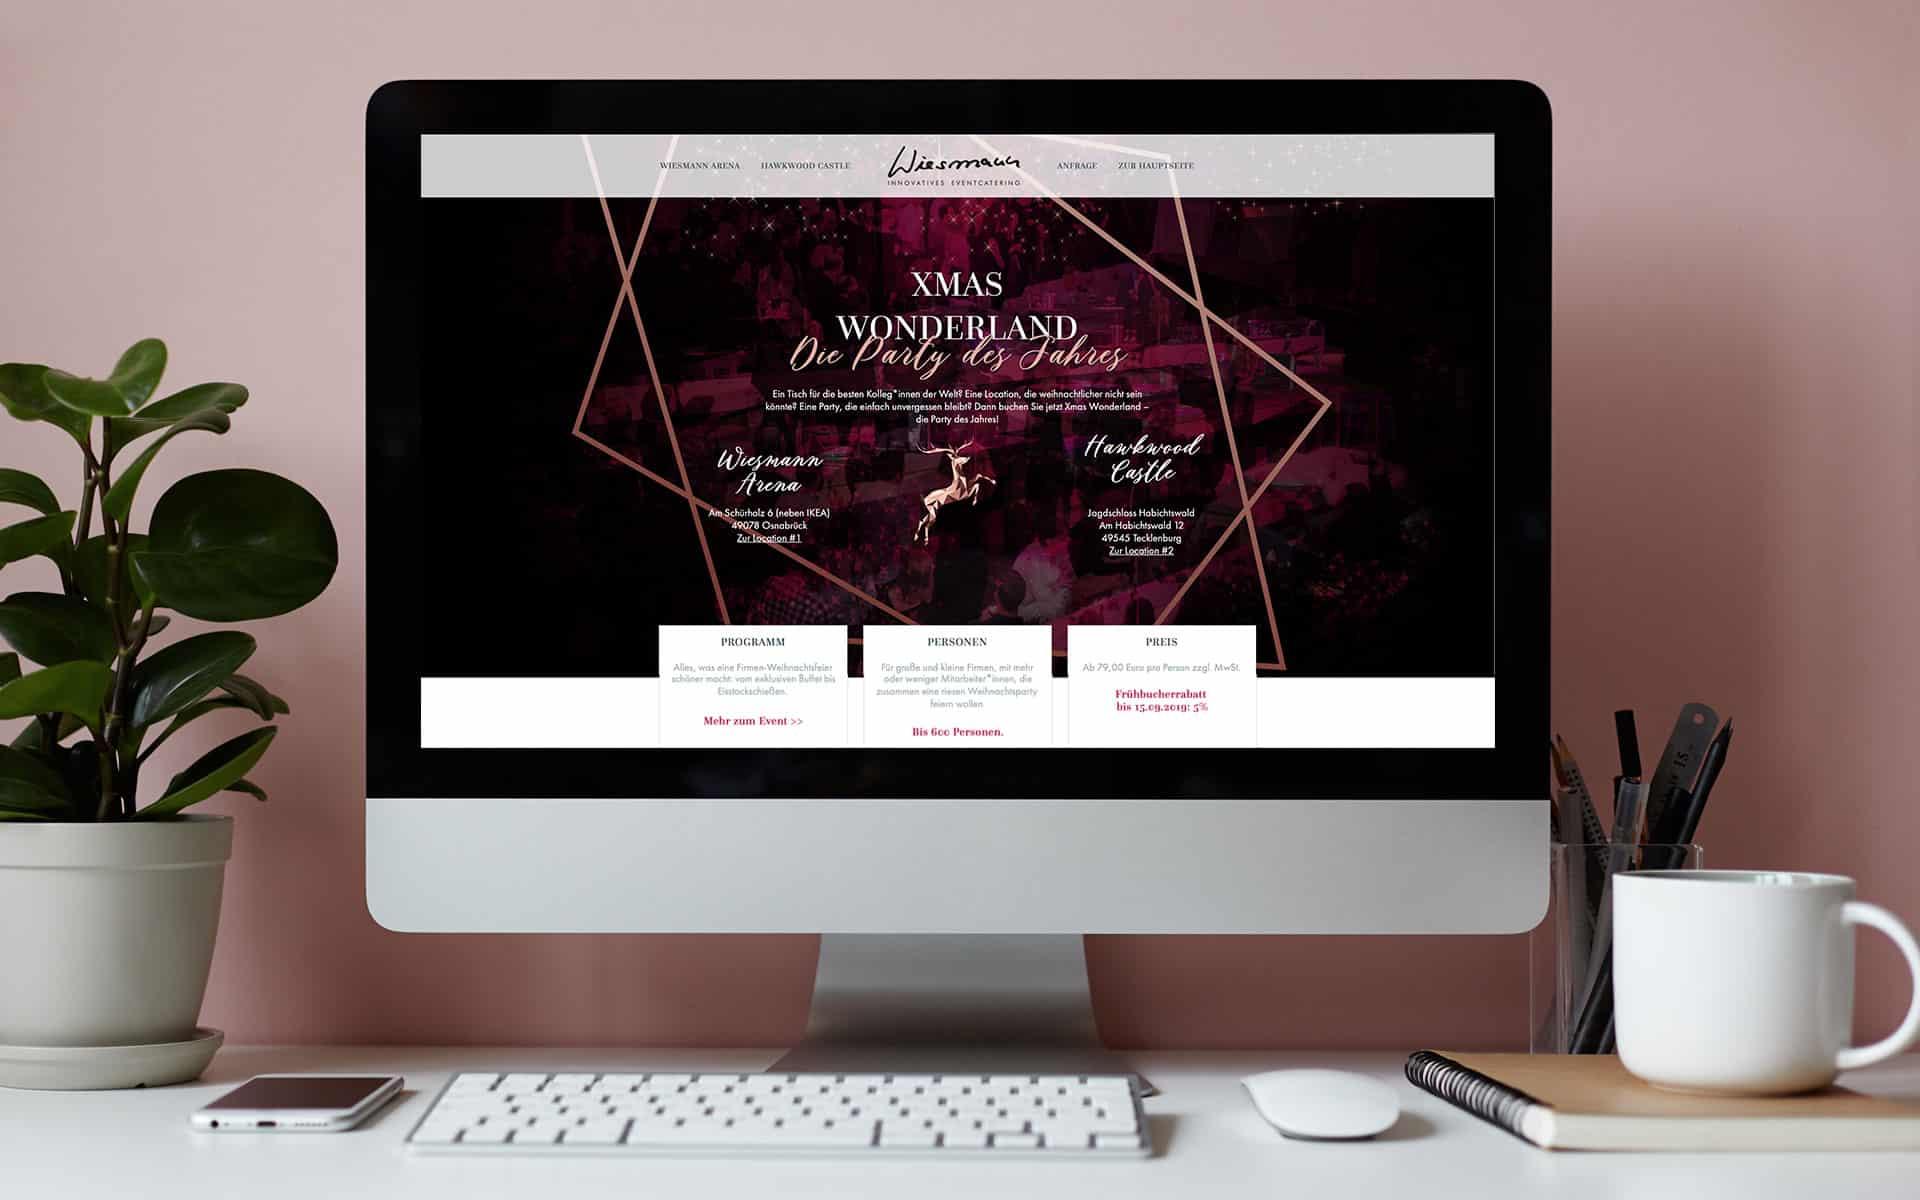 Webseite für die Wiesmann-Arena - Location für Weihnachtsfeiern in und um Osnabrück